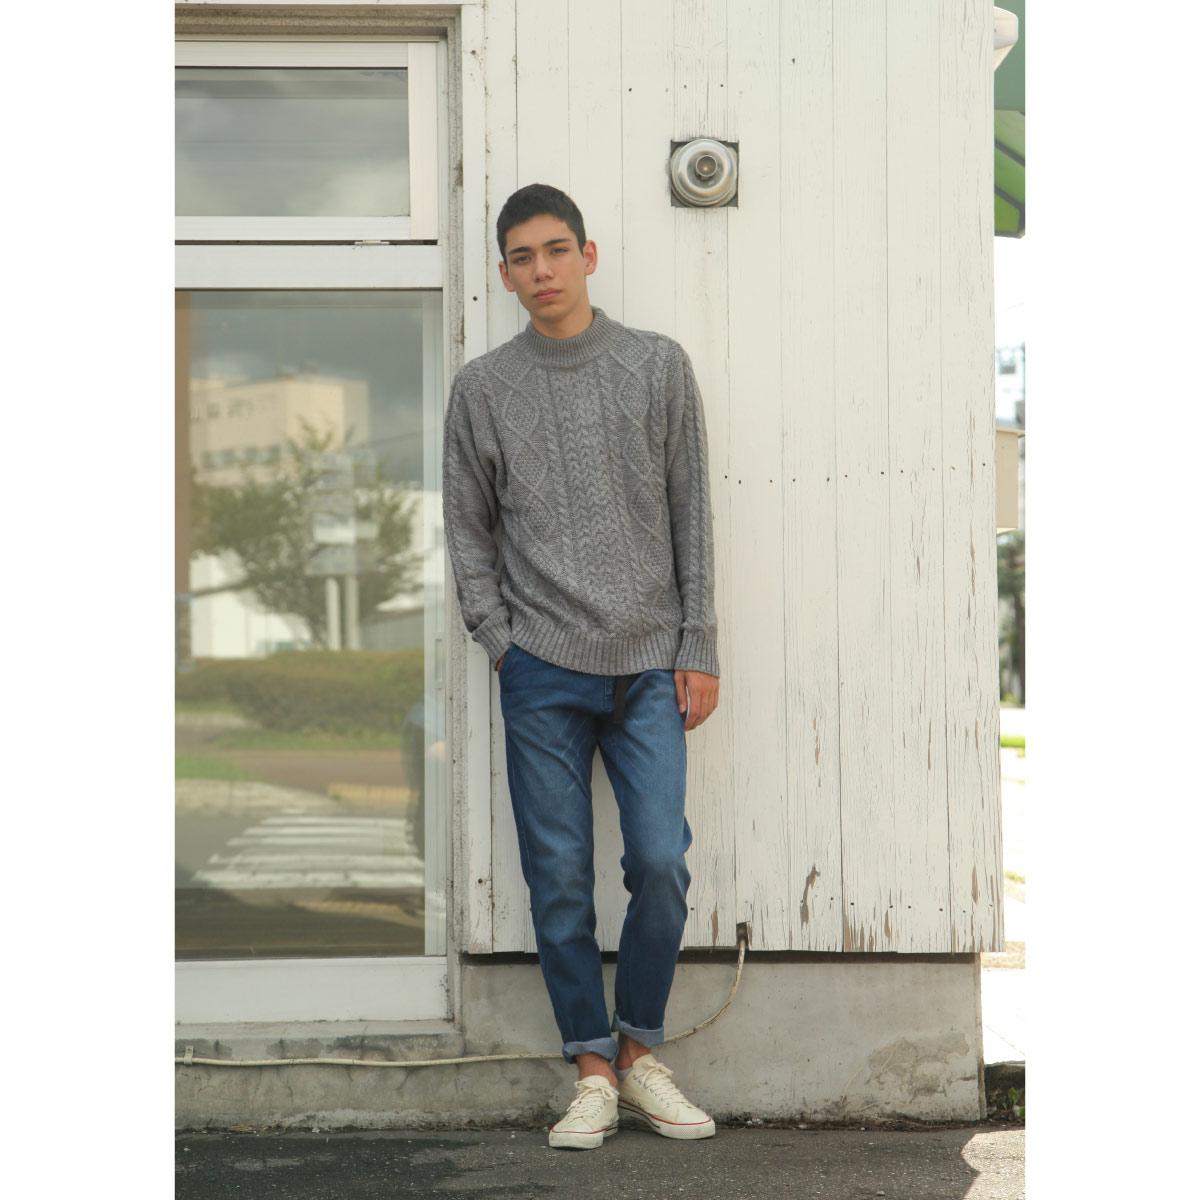 麻花編織針織毛衣 中高領 MF這樣變型男特別曝光款 7